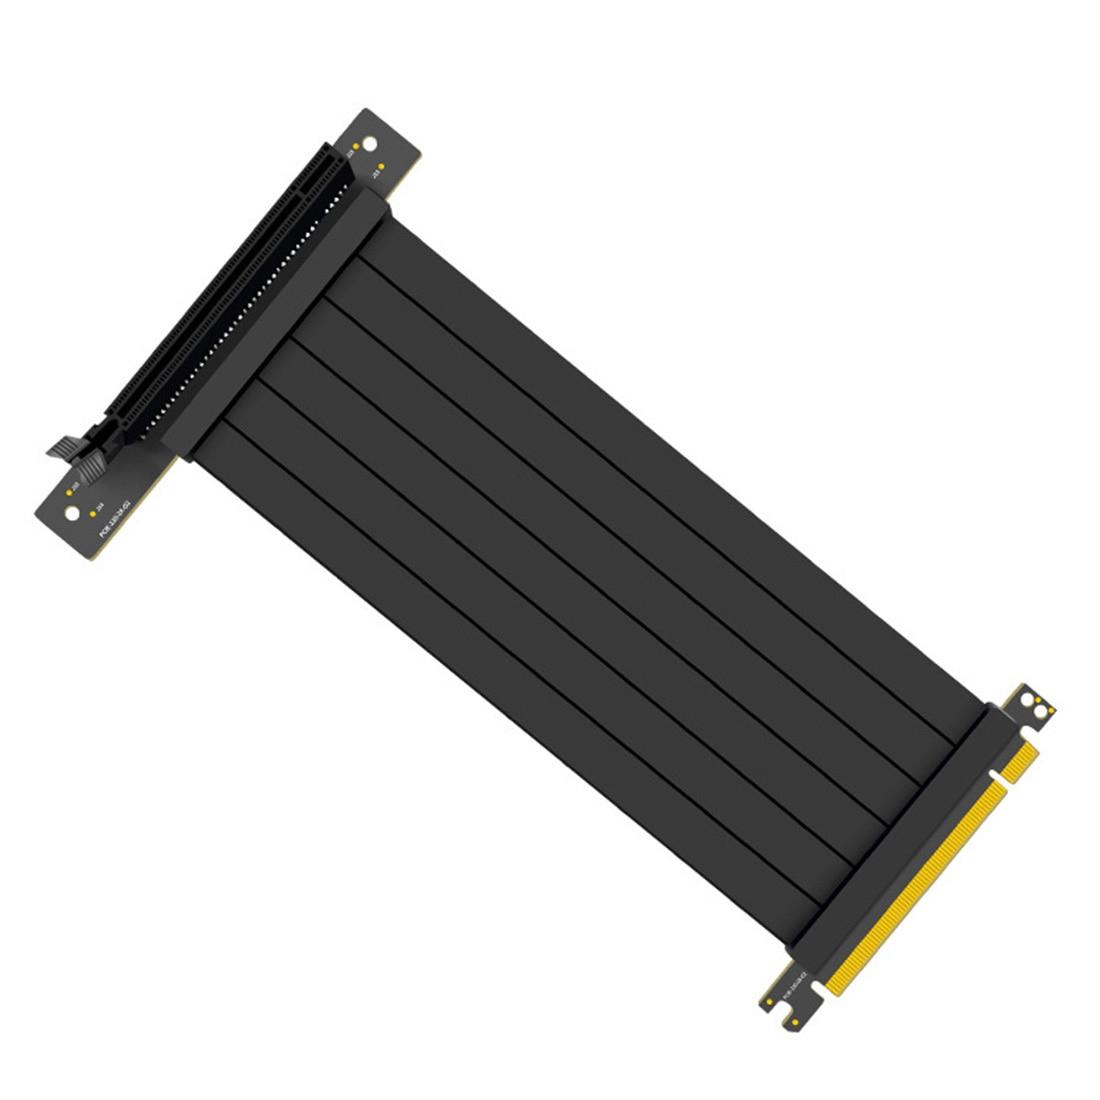 XT-XINTE PCI-E 3.0 16x عالية السرعة مرنة موسع بطاقة العالمي 90/180 درجة كابل محول ل 3060 بطاقة الجرافيك الناهض كابل